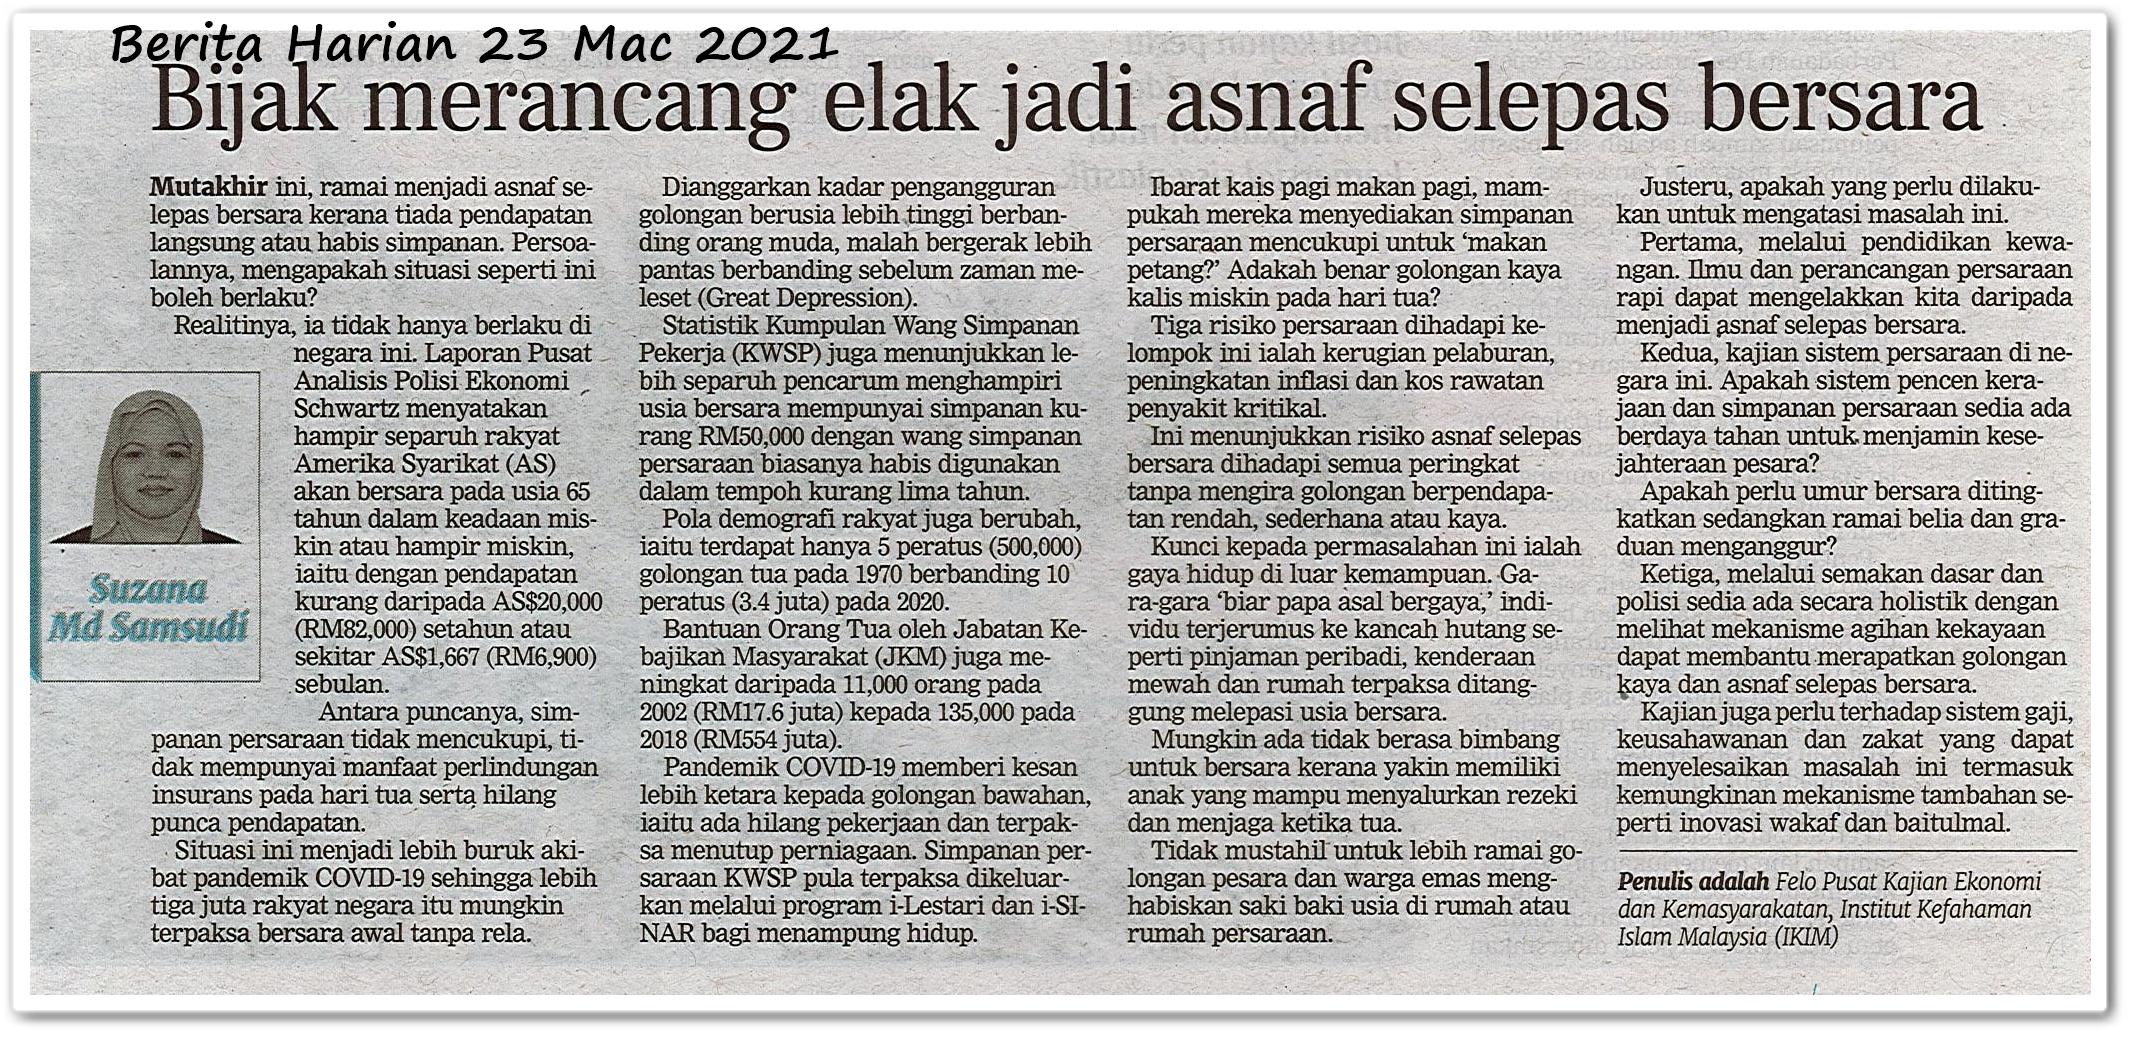 Bijak merancang elak jadi asnaf selepas bersara - Keratan akhbar Berita Harian 23 Mac 2021